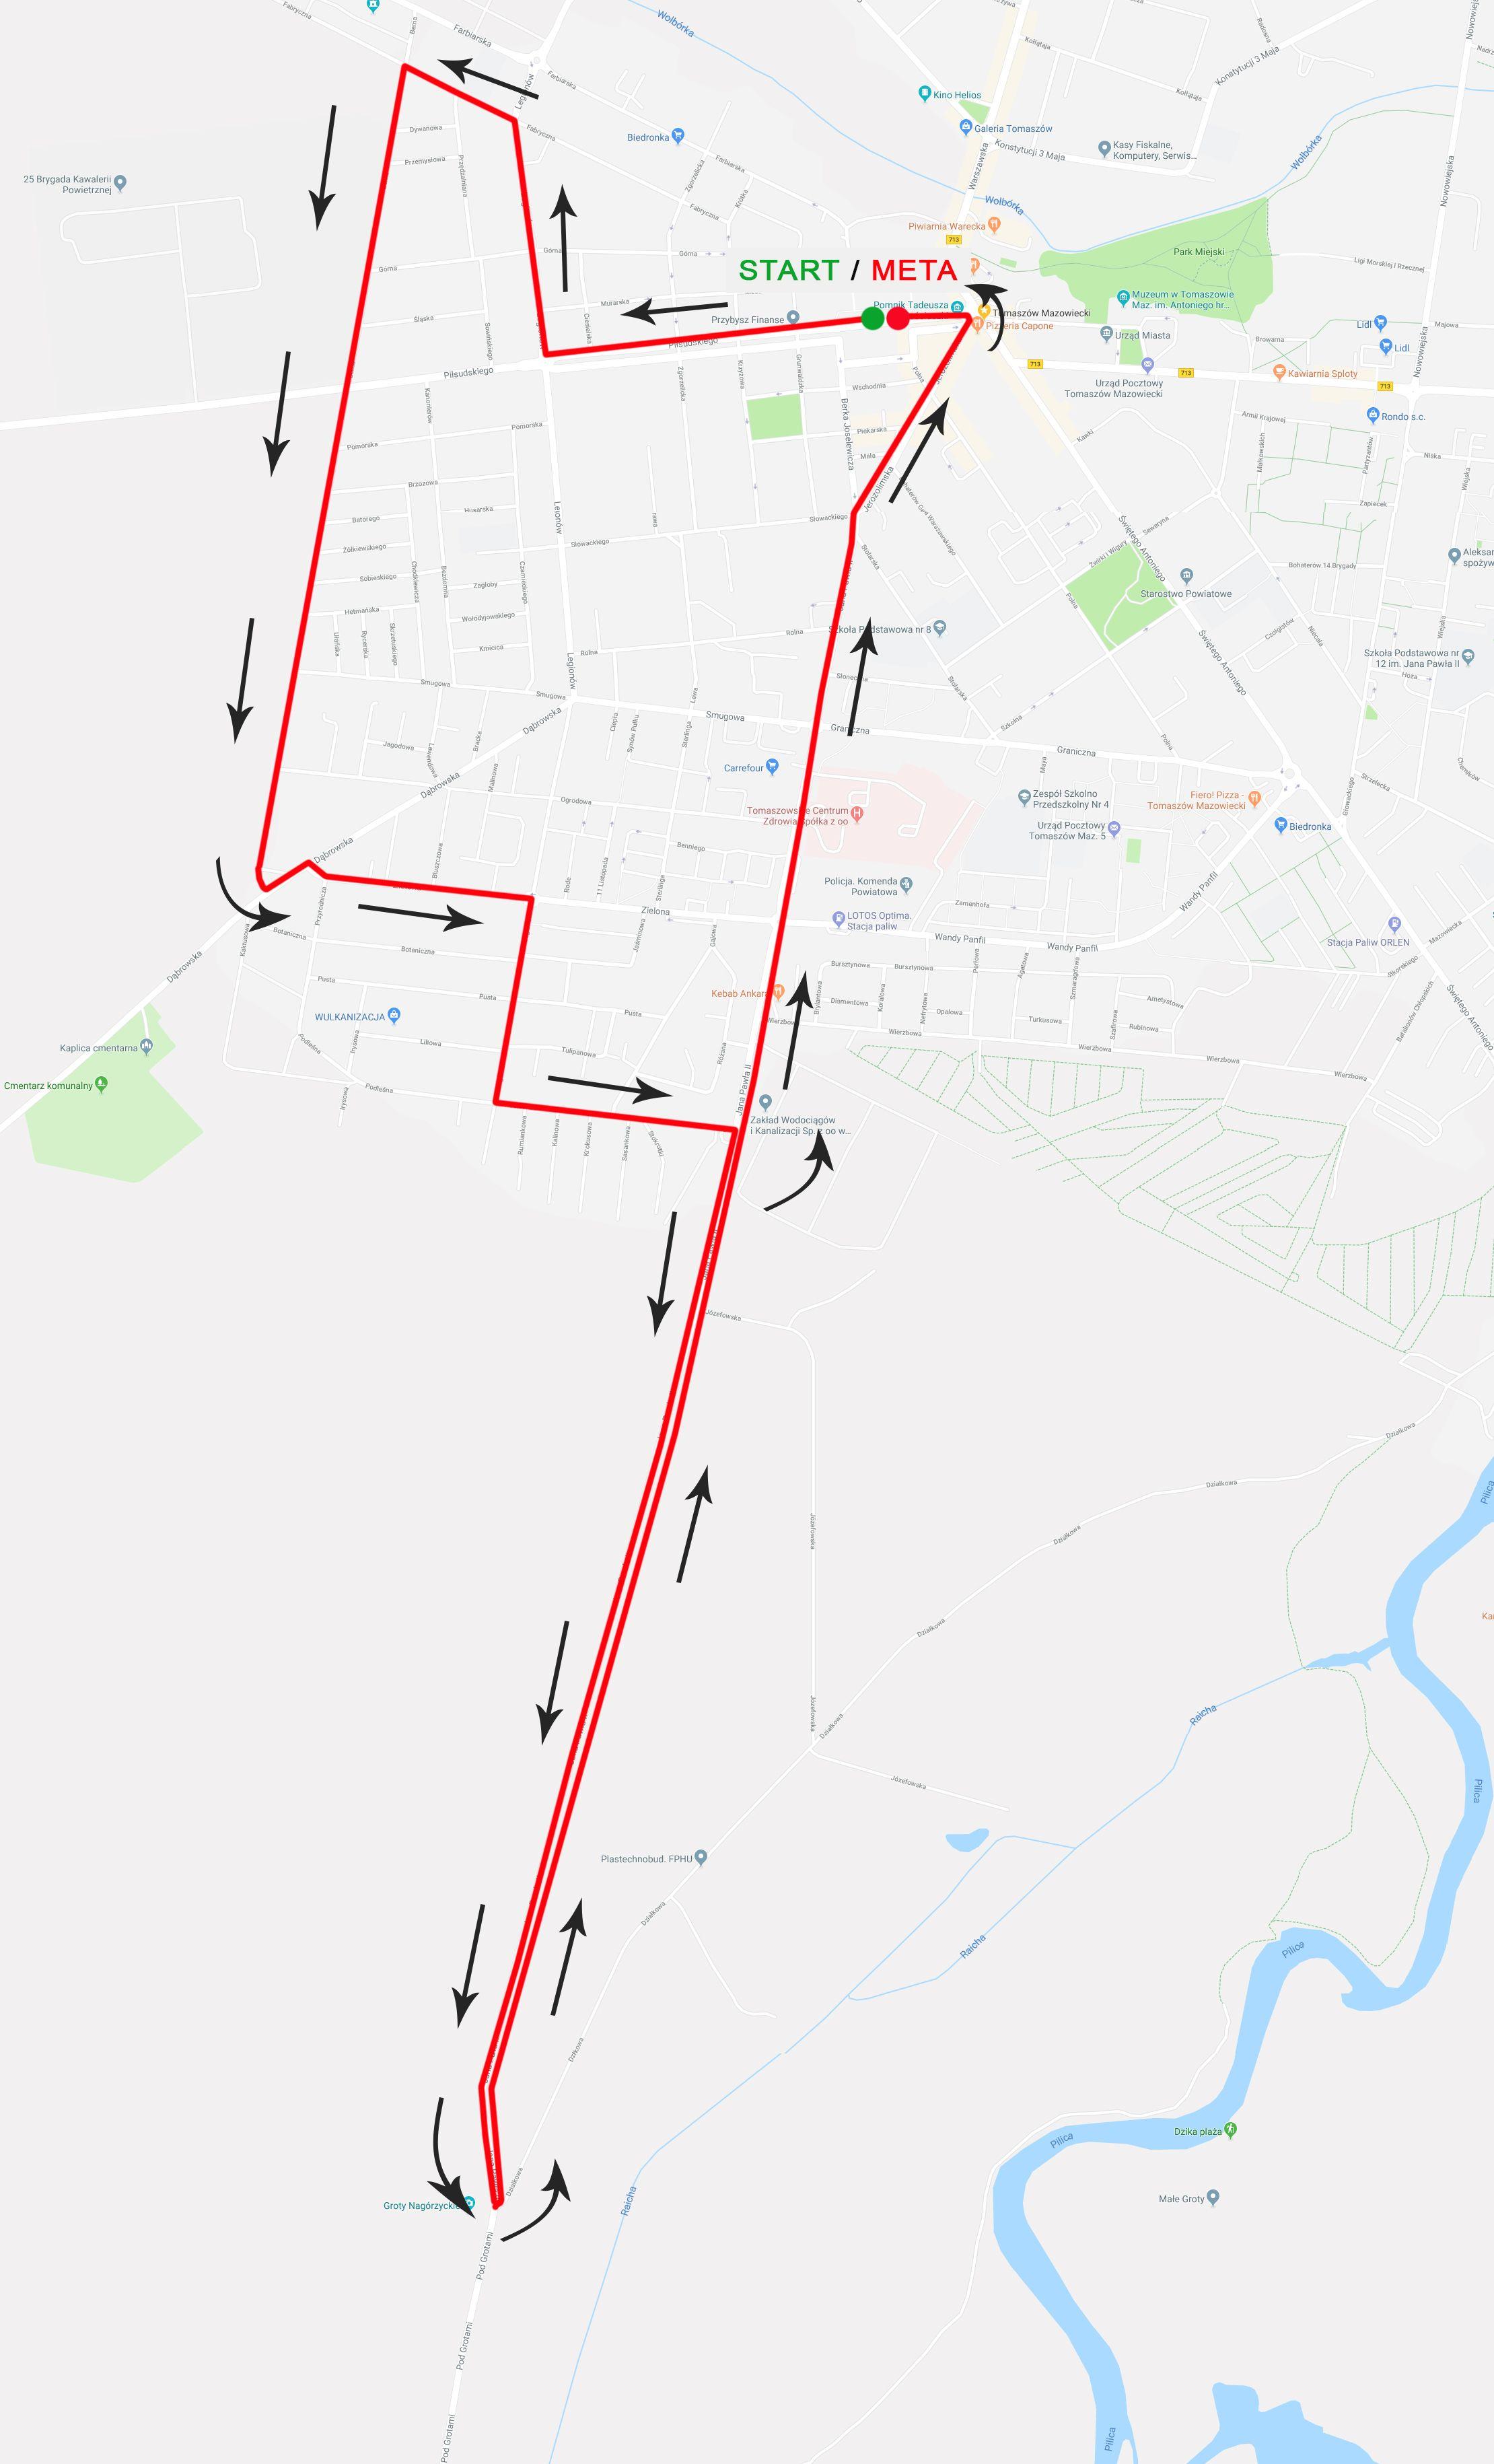 Trasa biegu malinowskiego na 10 km